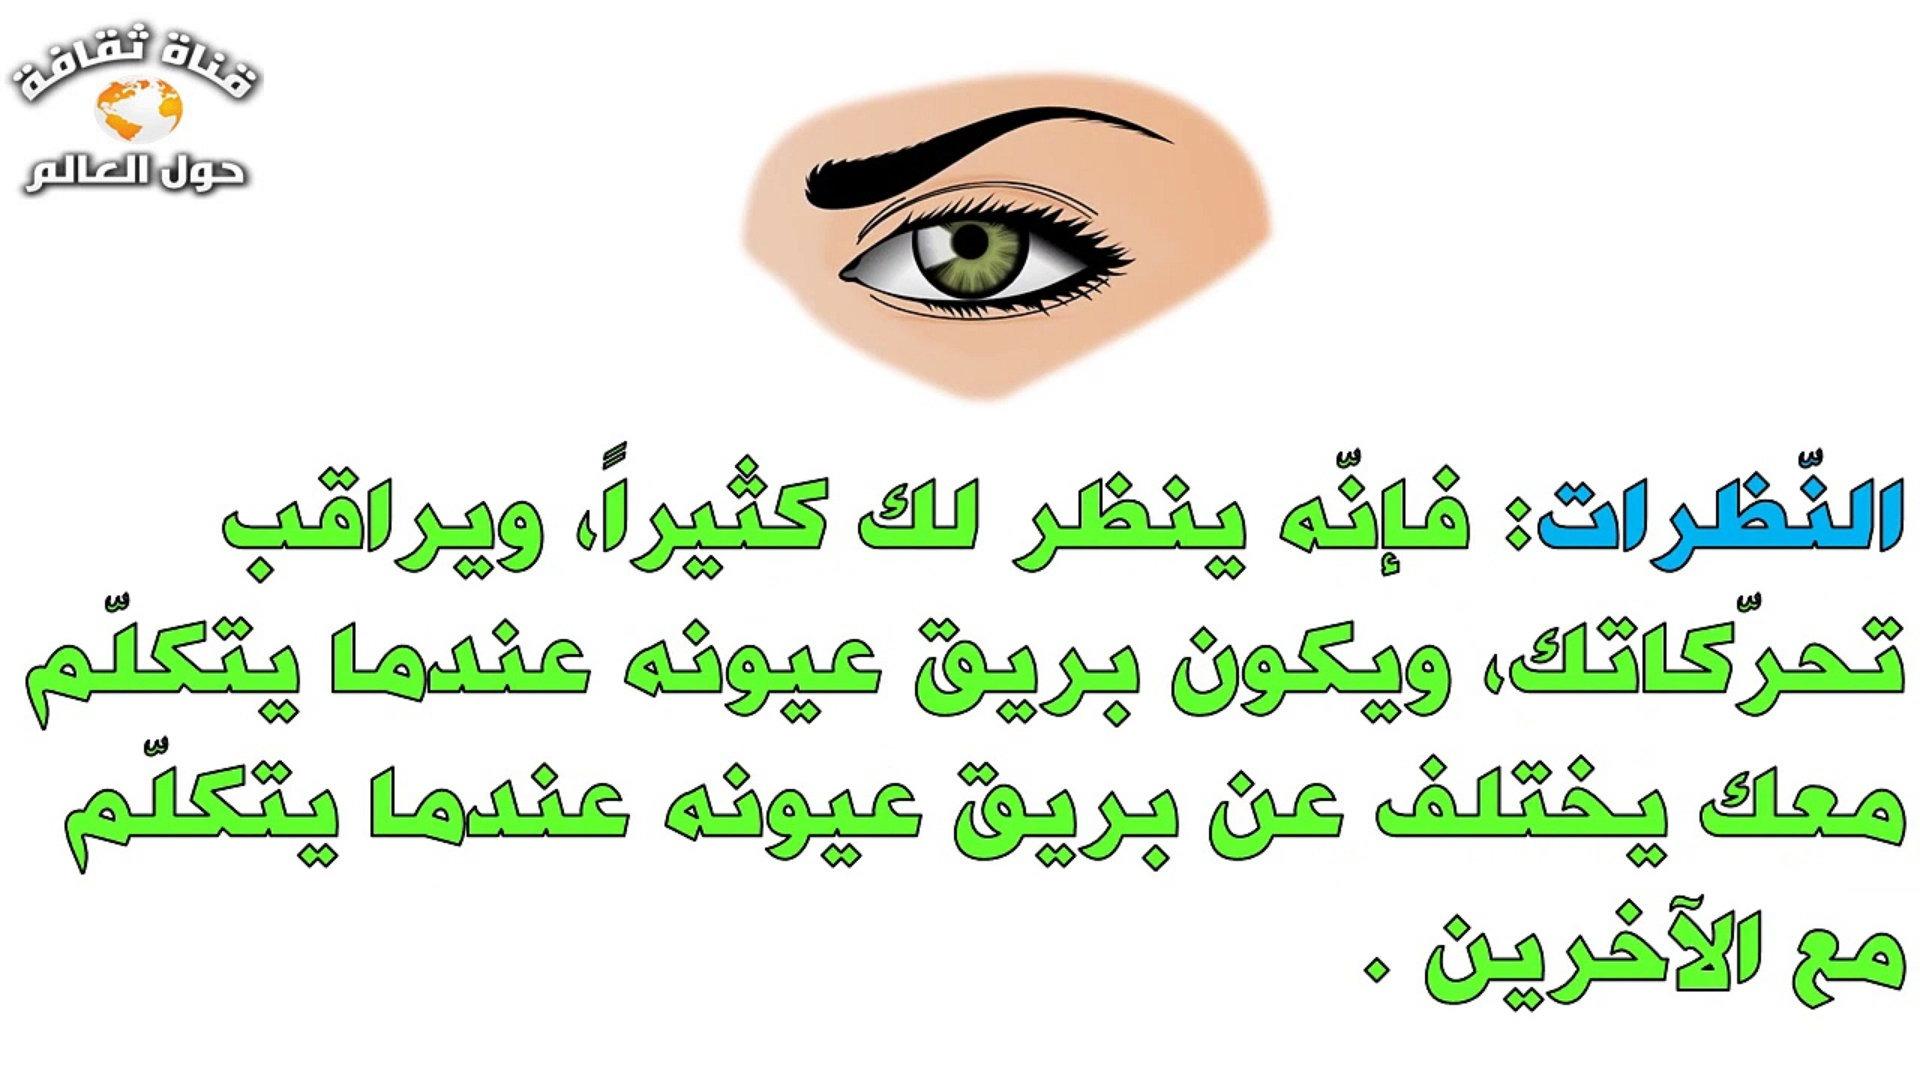 صور كيف تعرف ان شخص يحبك من عيونه , الحب الحقيقي بيبان من العيون